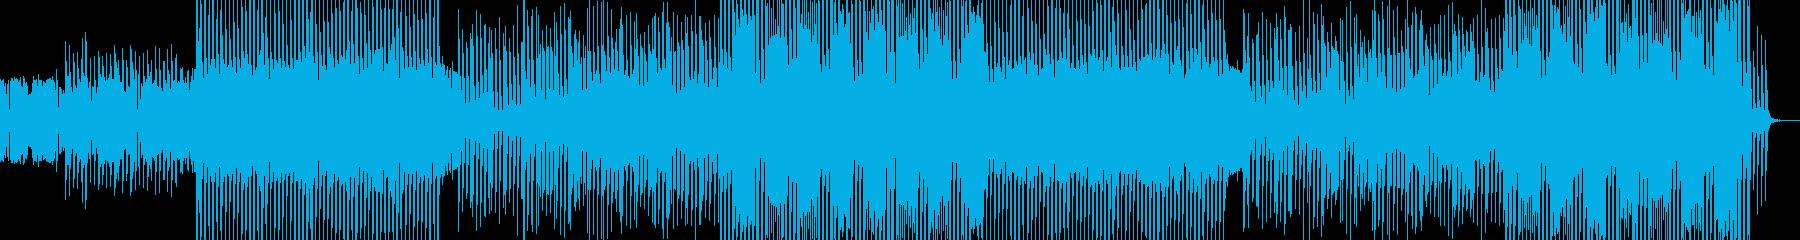 シンセポップなクラブダンスミュージックの再生済みの波形